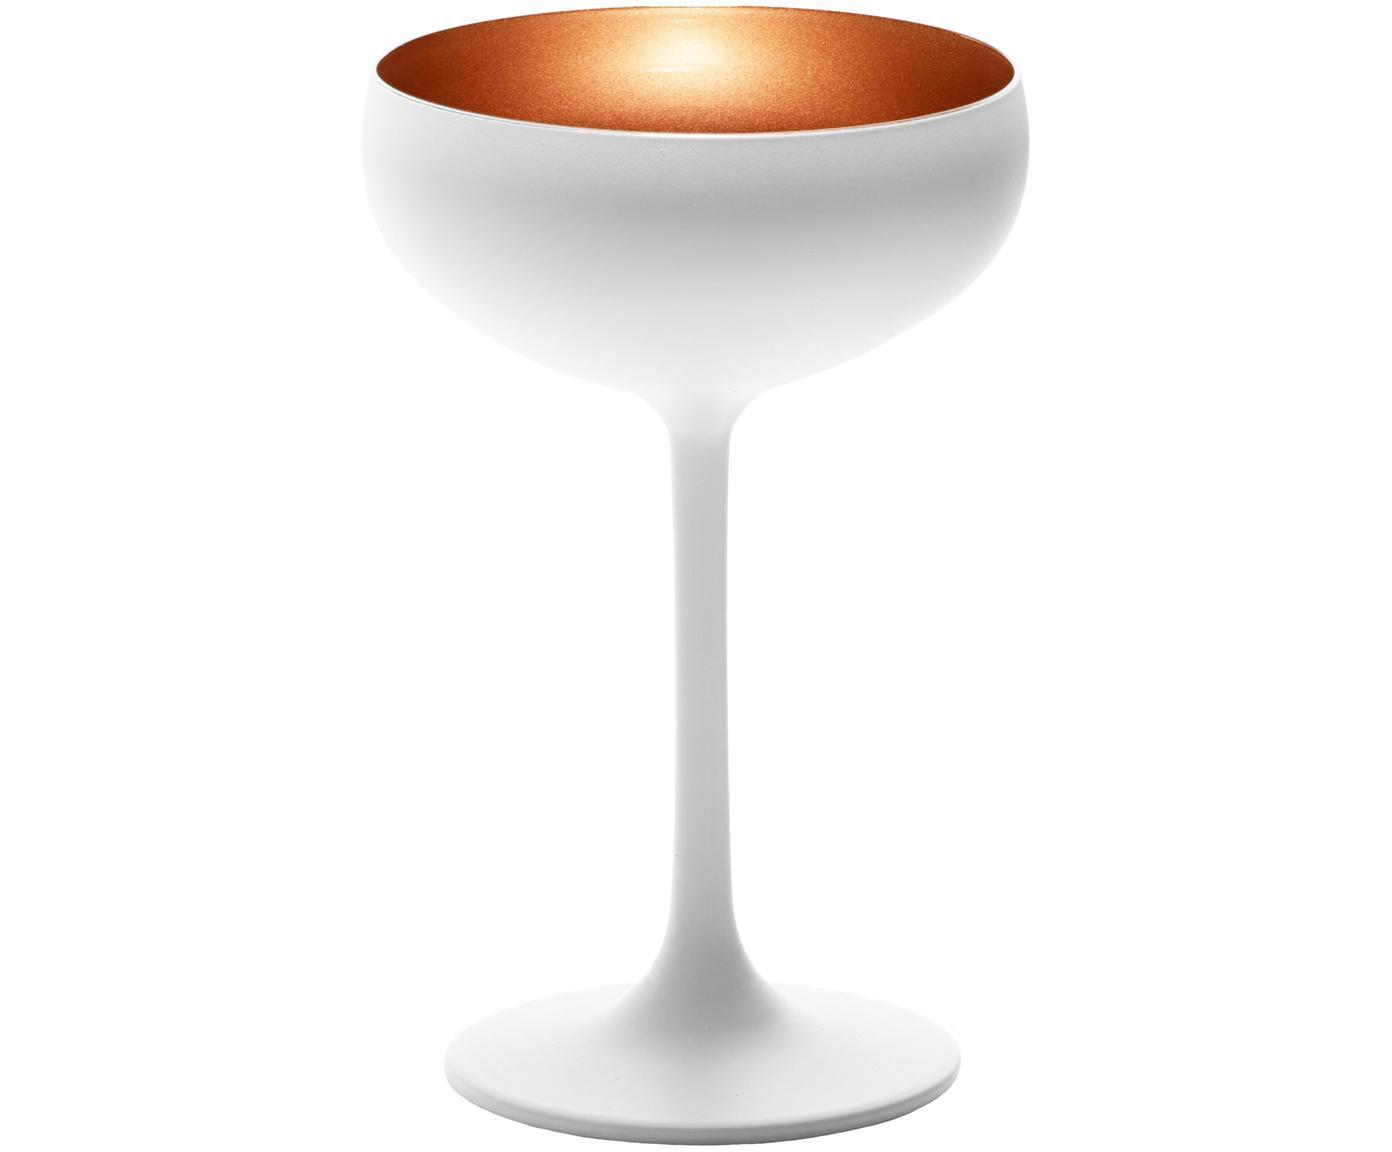 Kristall-Champagnerschalen Elements in Weiß/Kupfer, 6er-Set, Kristallglas, beschichtet, Weiß, Bronzefarben, Ø 10 x H 15 cm